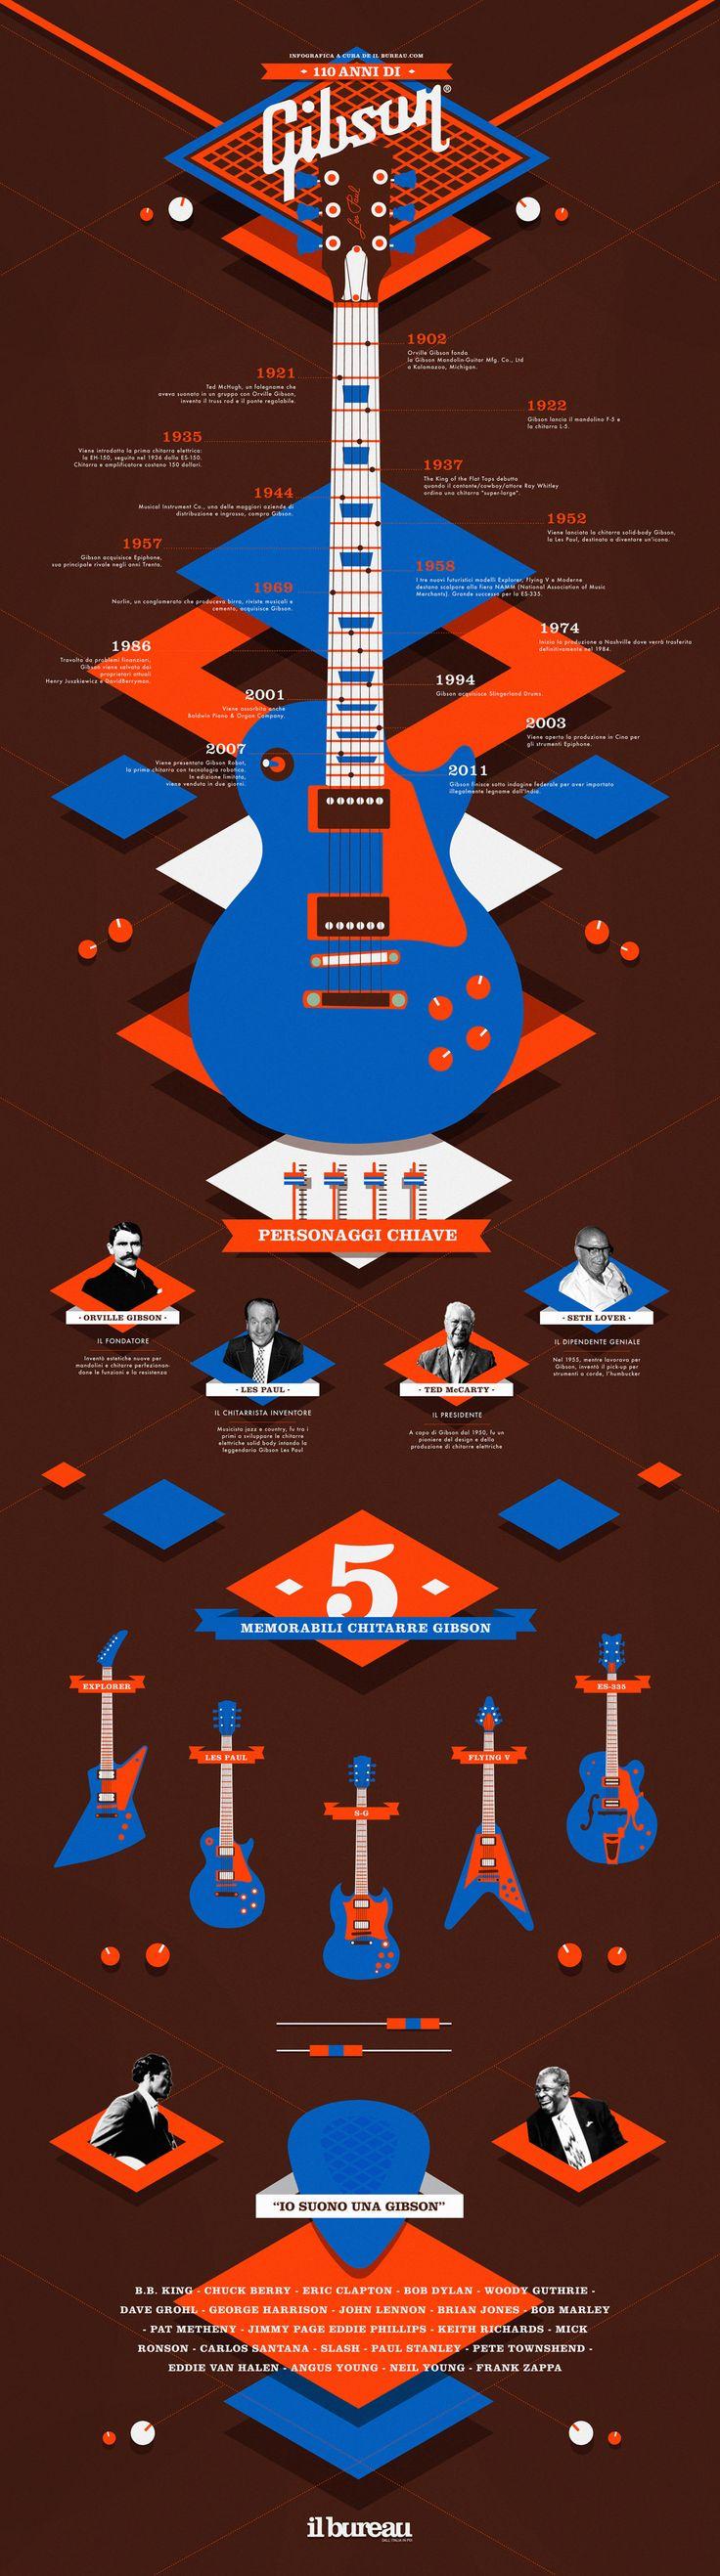 110 anni di Gibson - Il Bureau #infographic